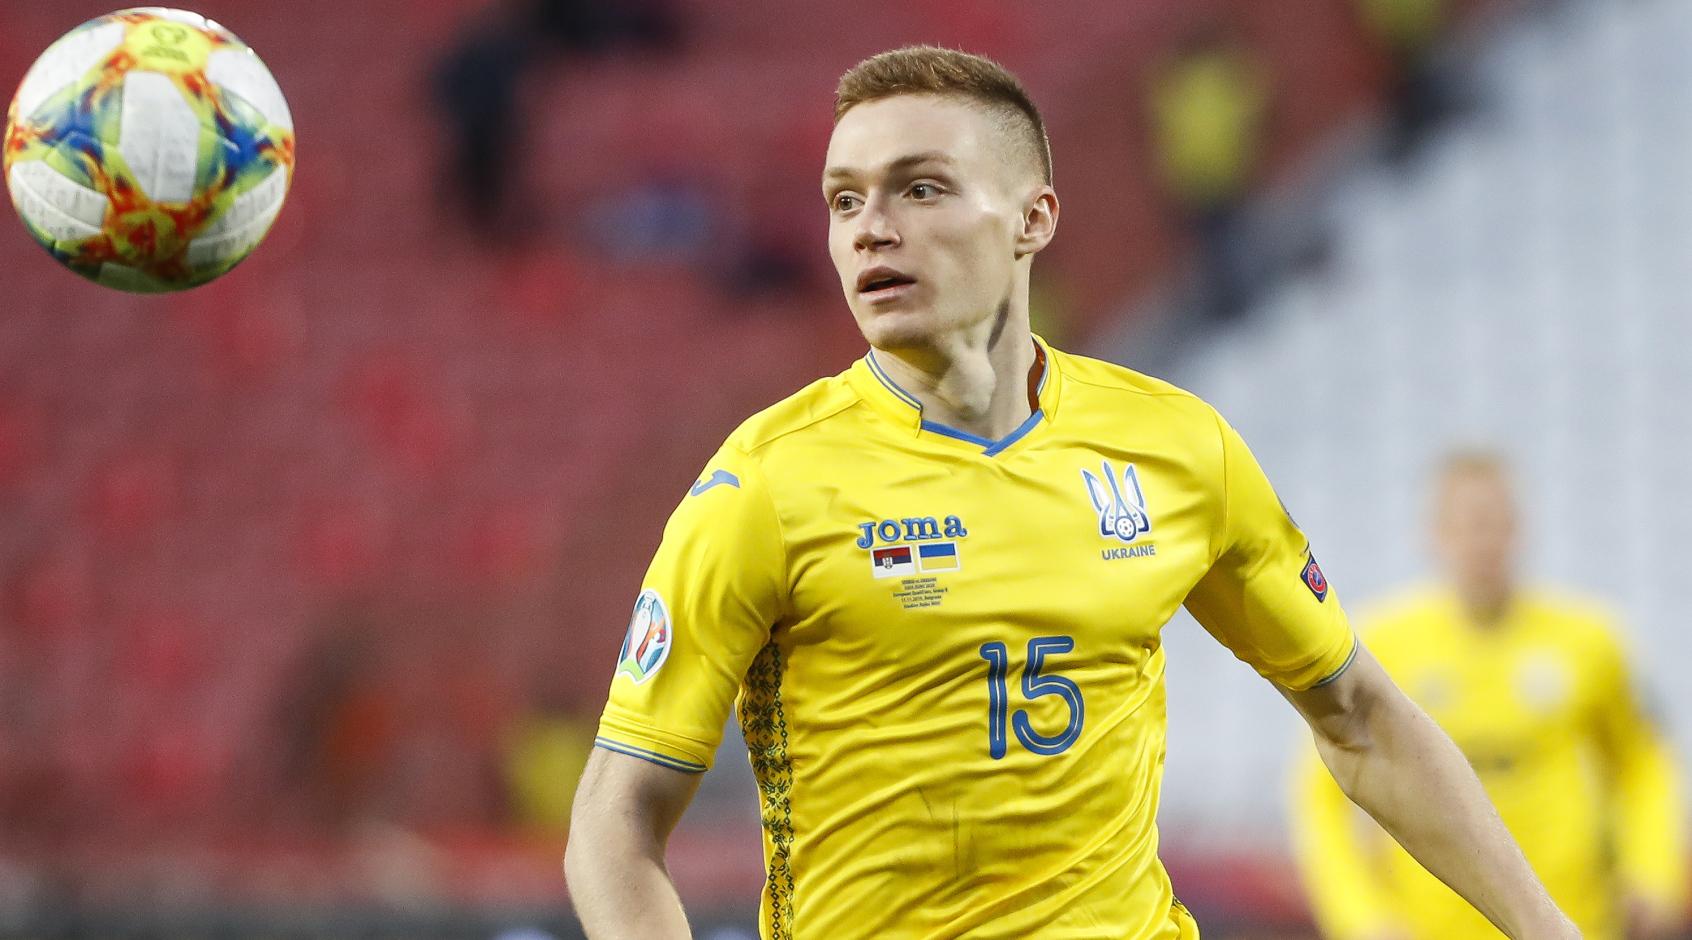 InStat назвал Цыганкова лучшим в матче Сербия - Украина, худший - Матвиенко